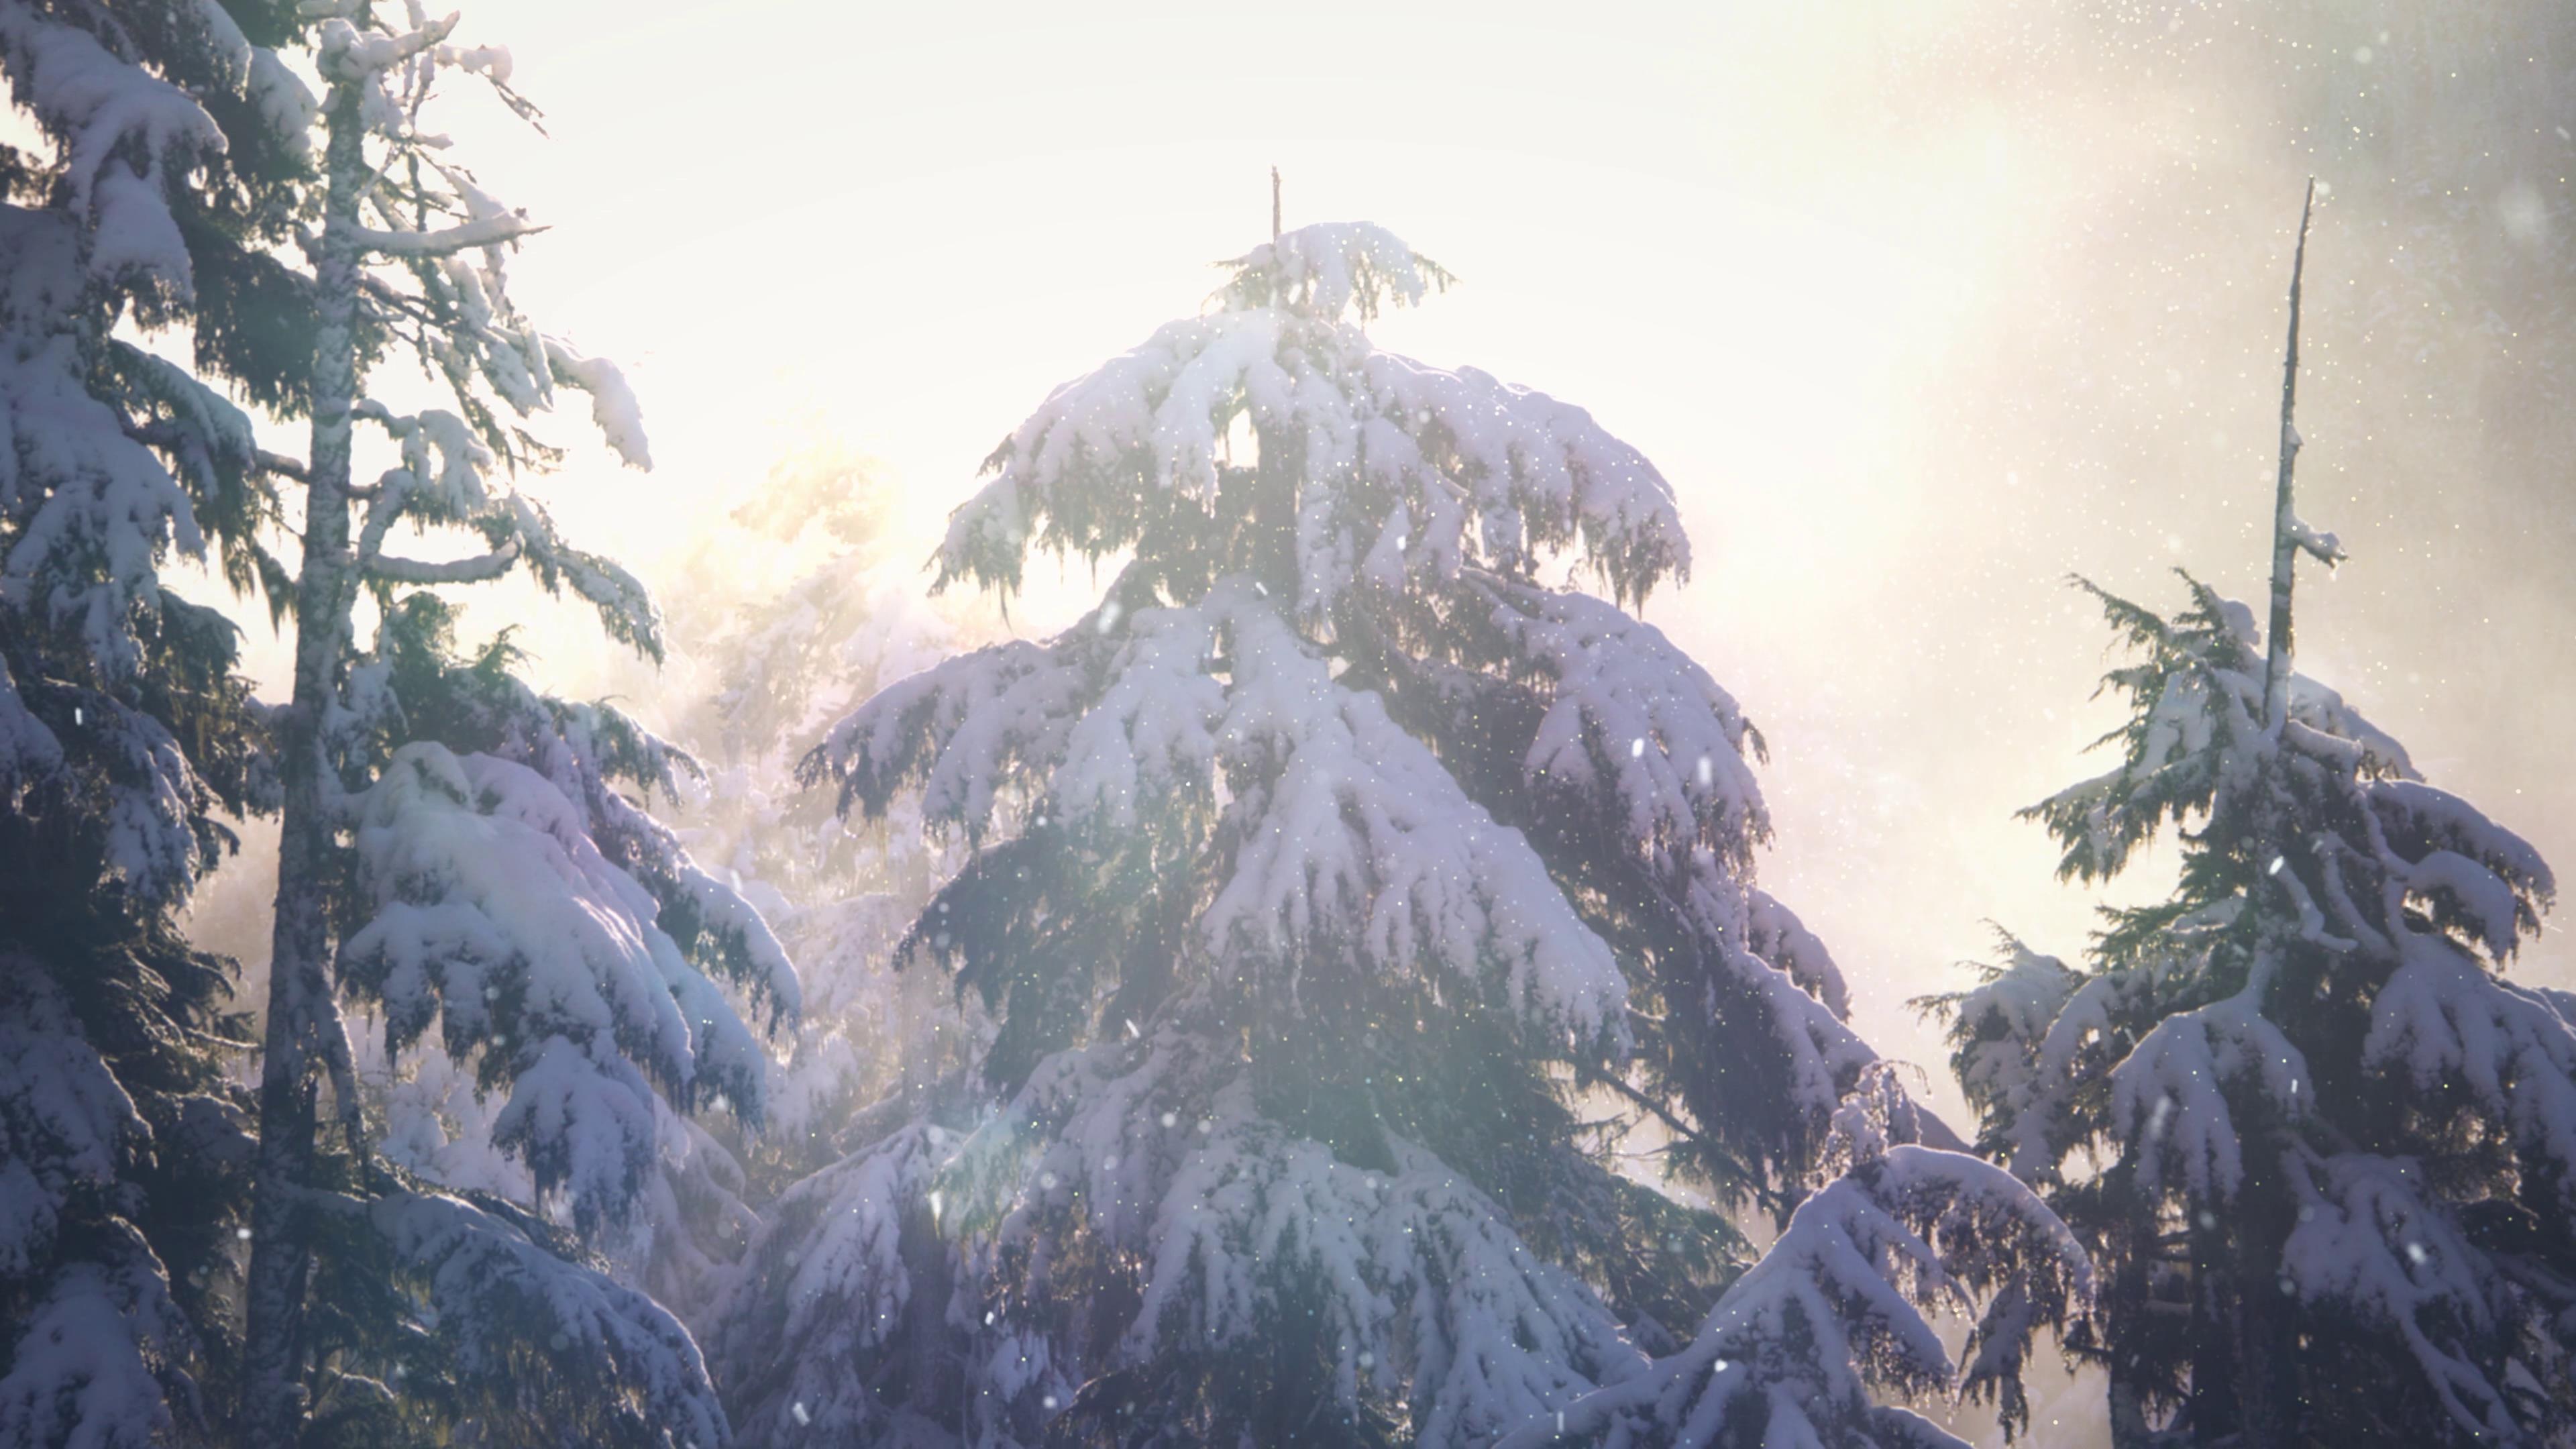 冬季阳光下大雪纷飞中的松树高清实拍